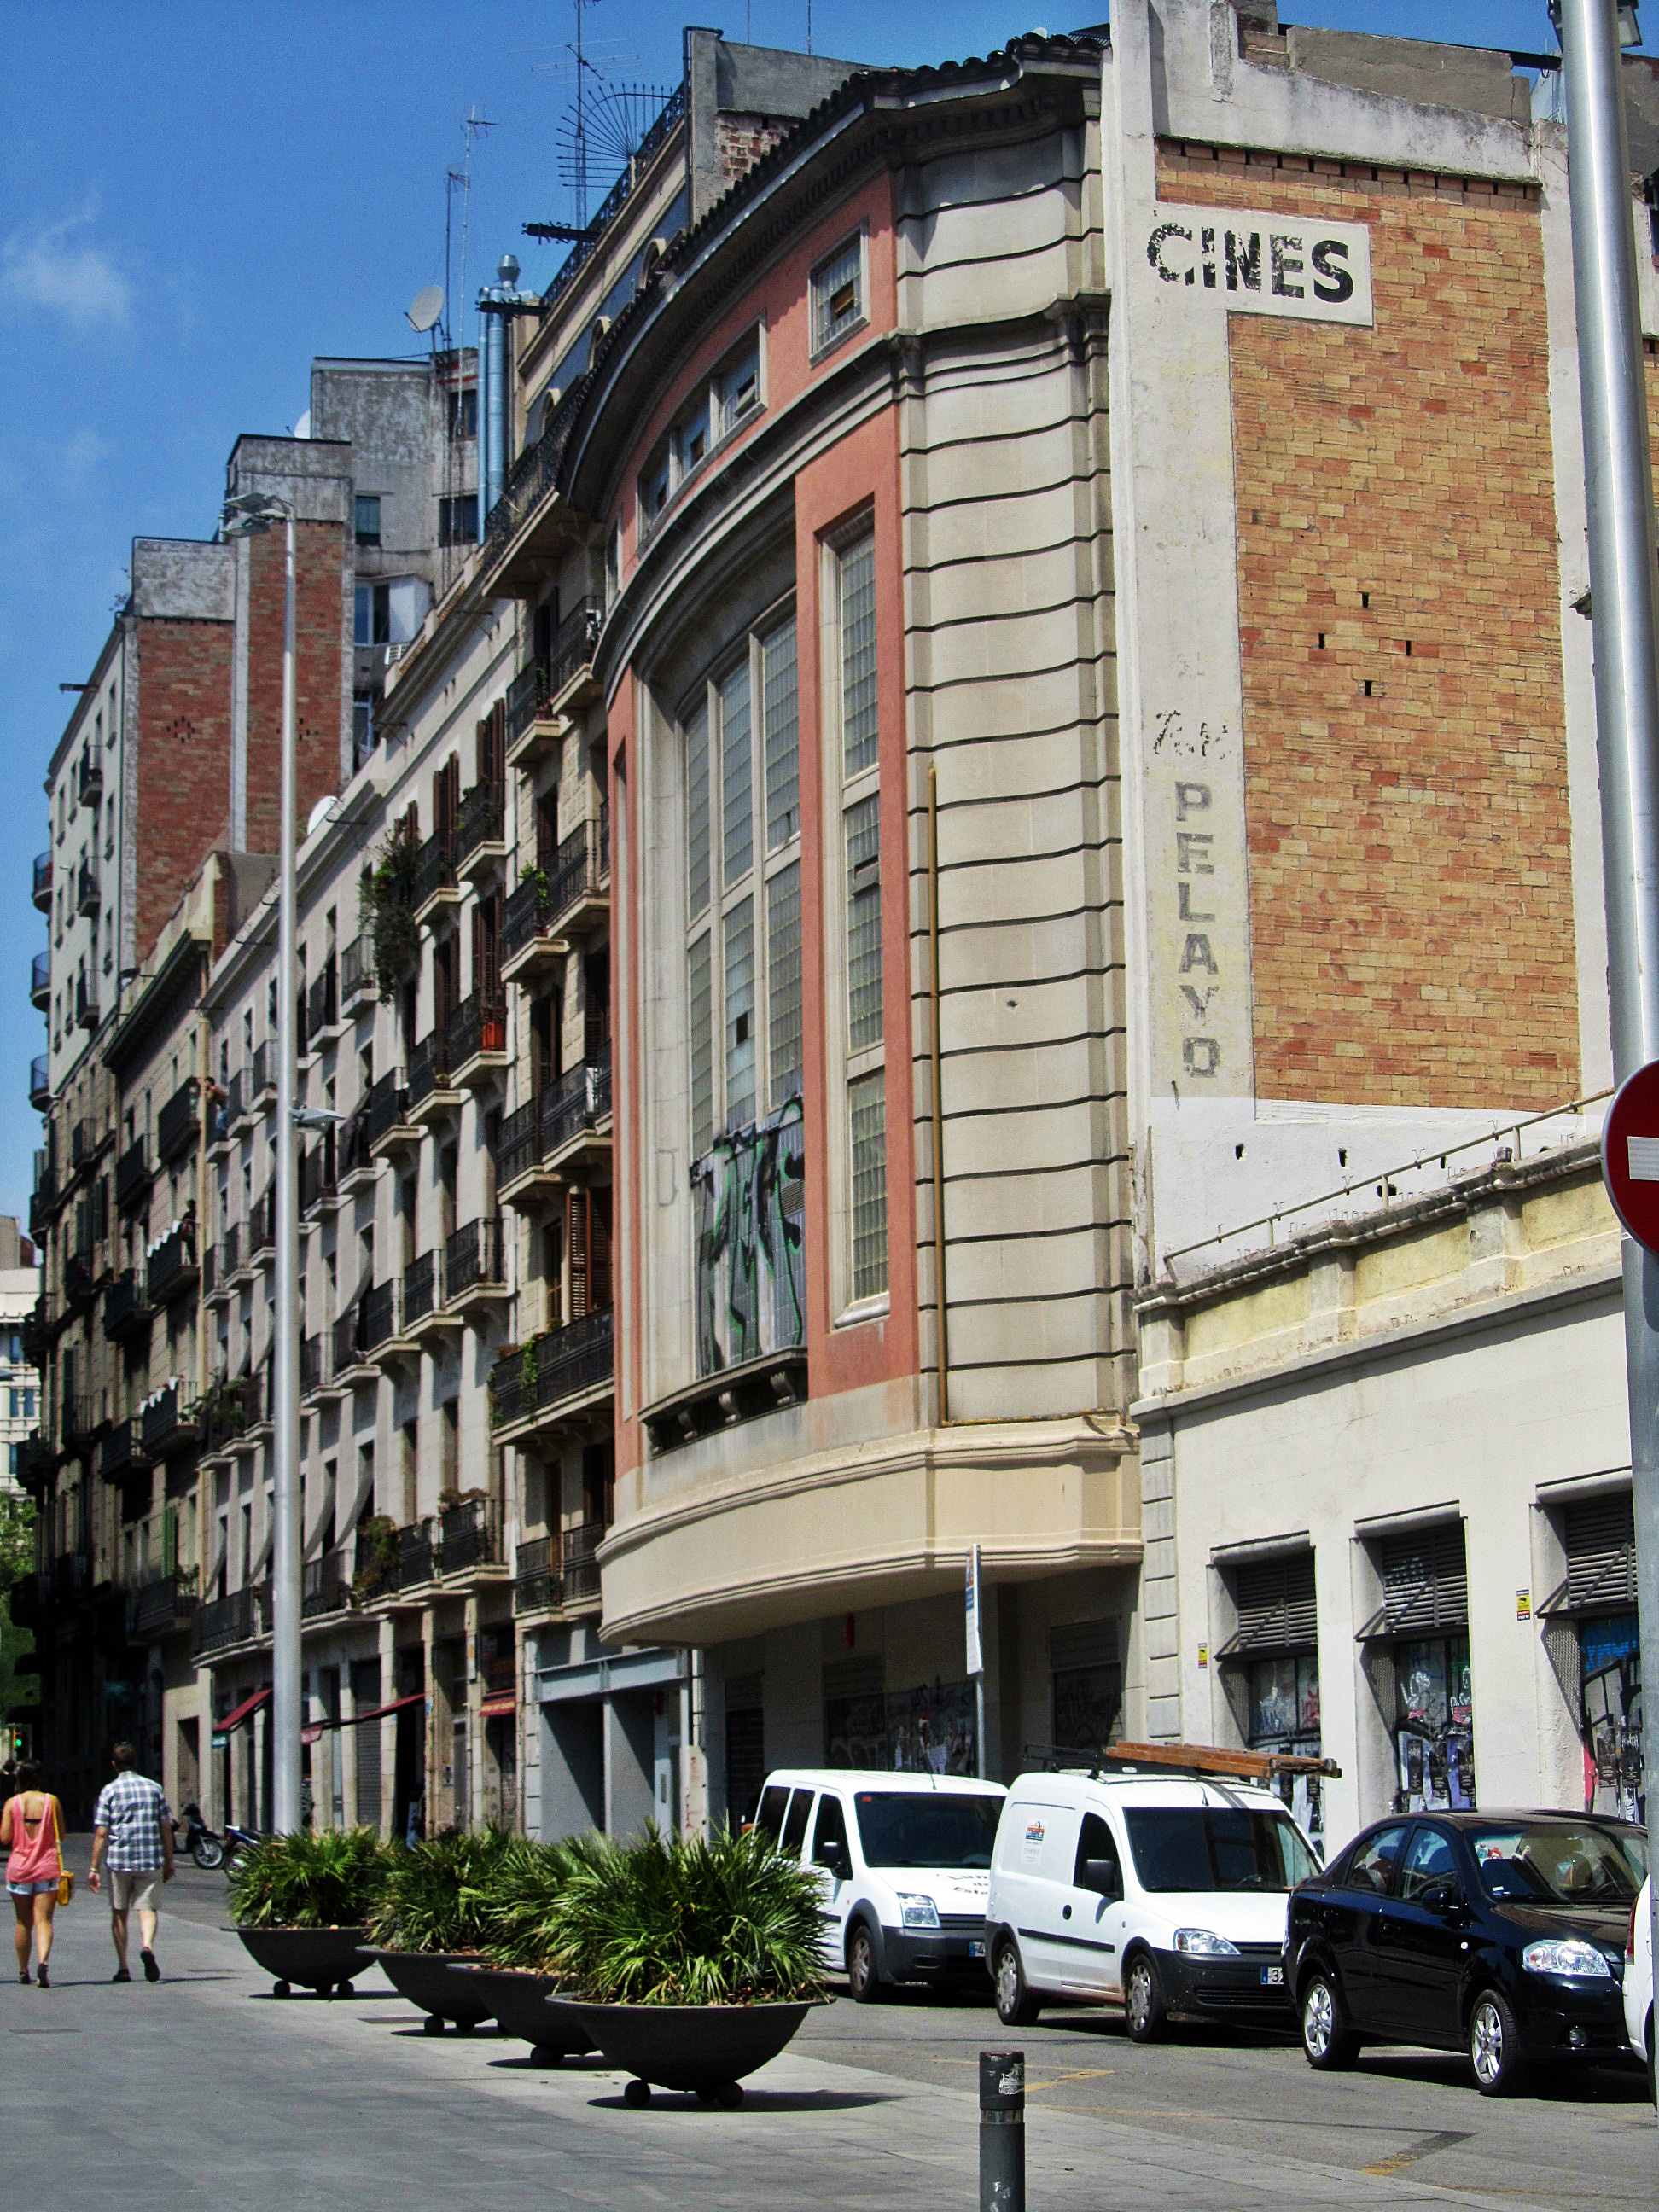 La fachada del antiguo cine petit pelayo de la calle for Oficinas pelayo barcelona